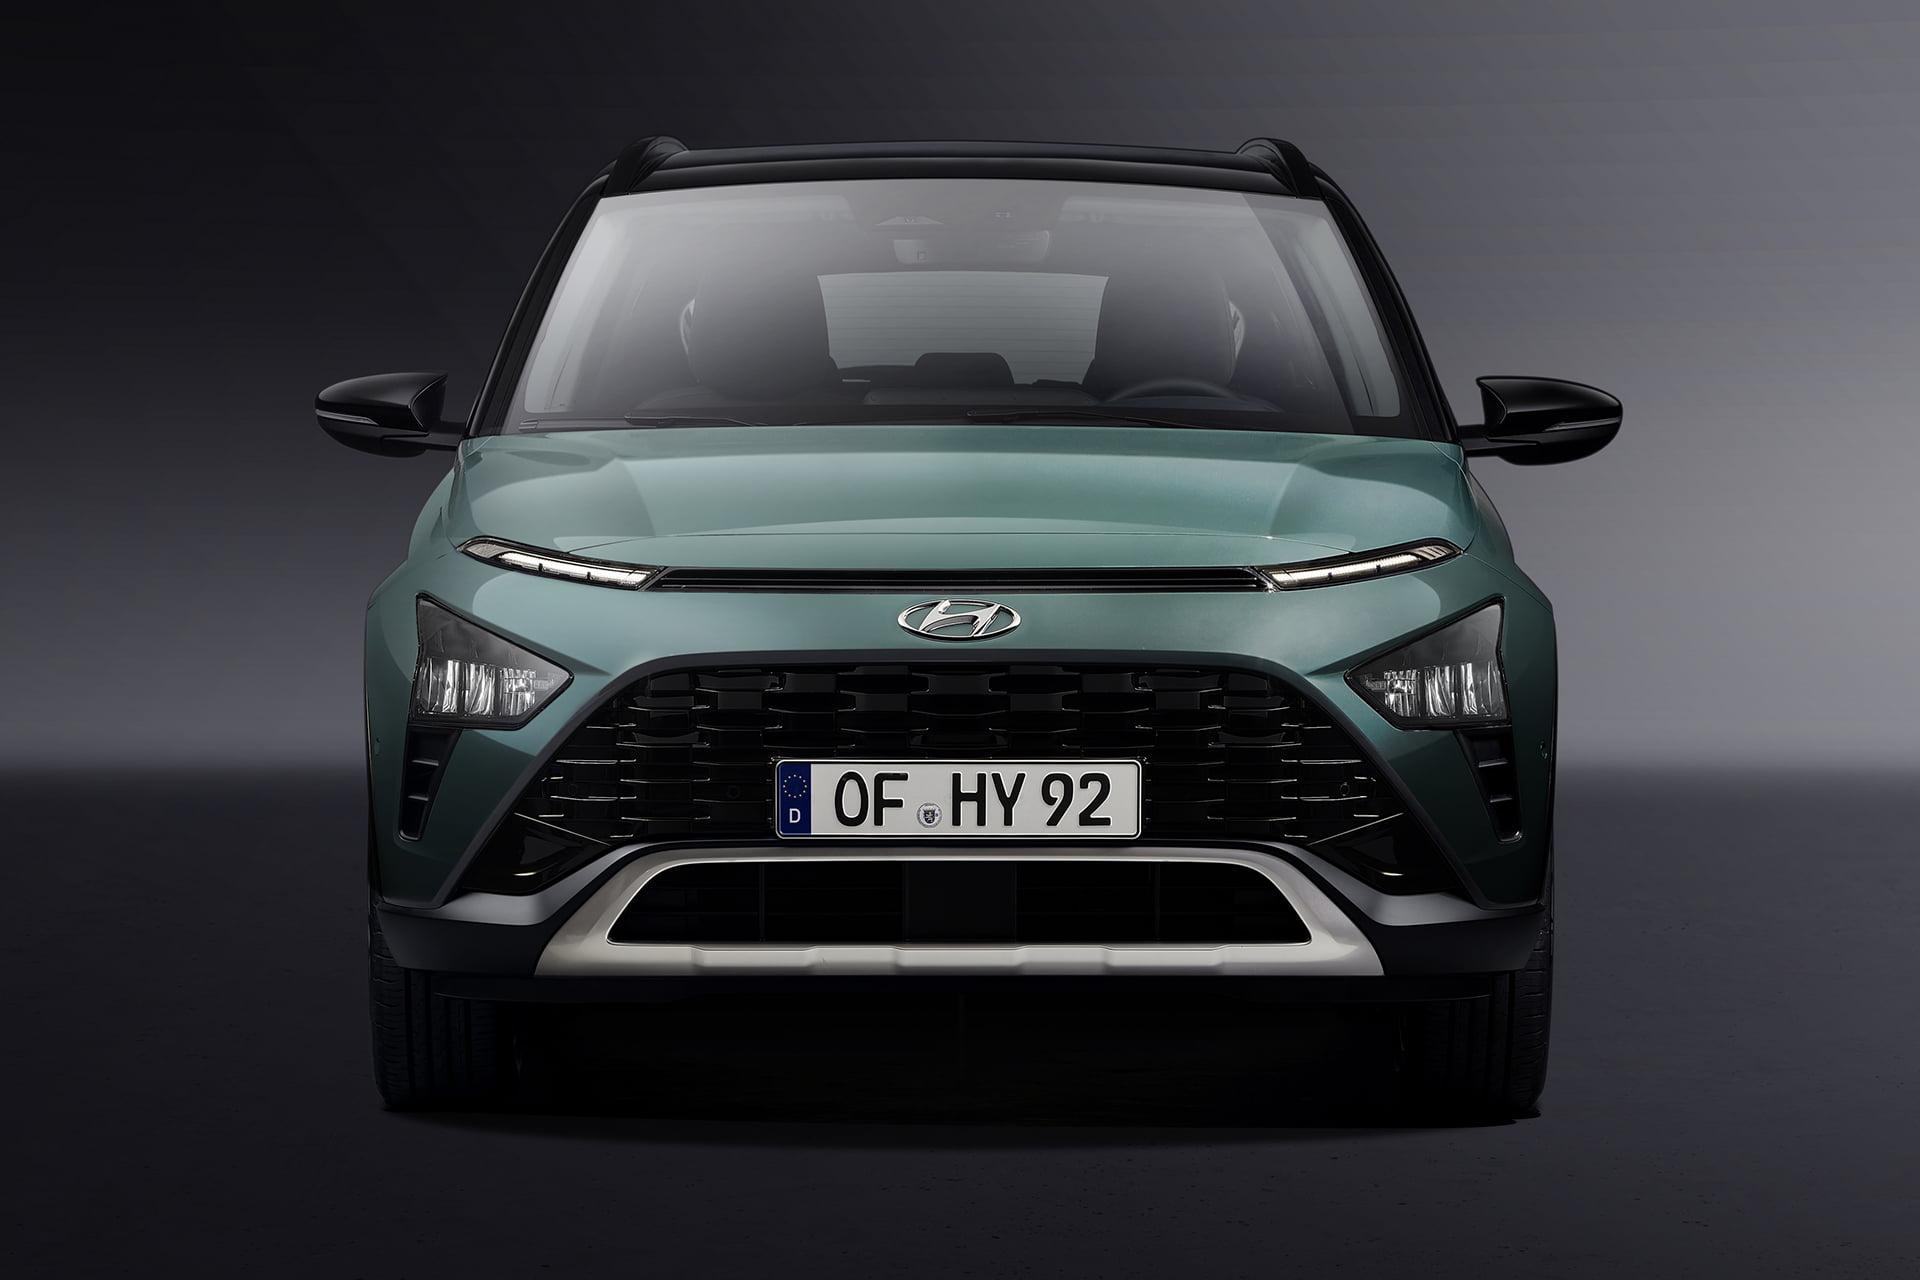 Bayon, el nuevo y sorprendente CUV de Hyundai